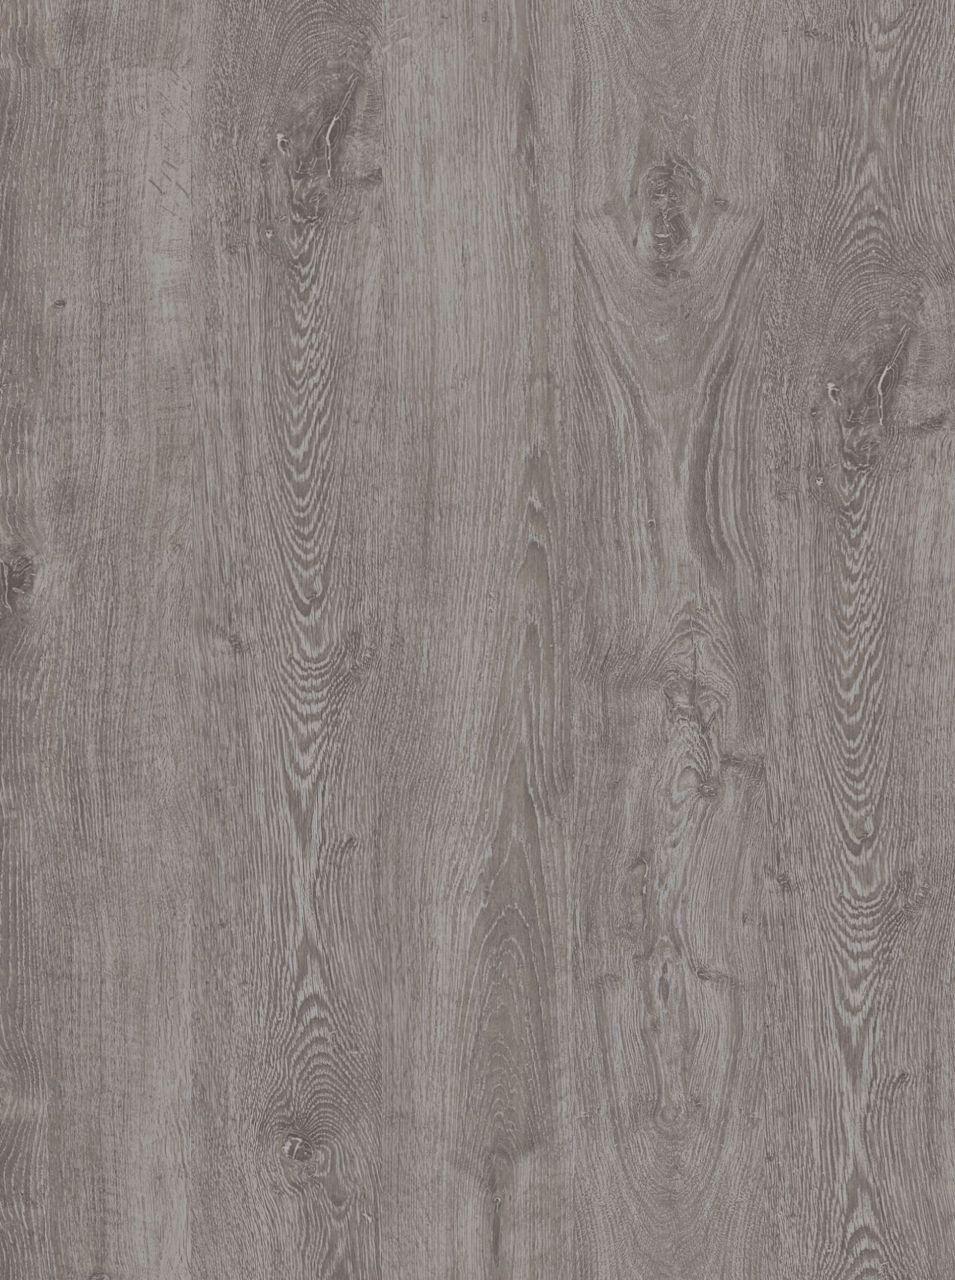 gray walnut wood texture Google Search Walnut wood